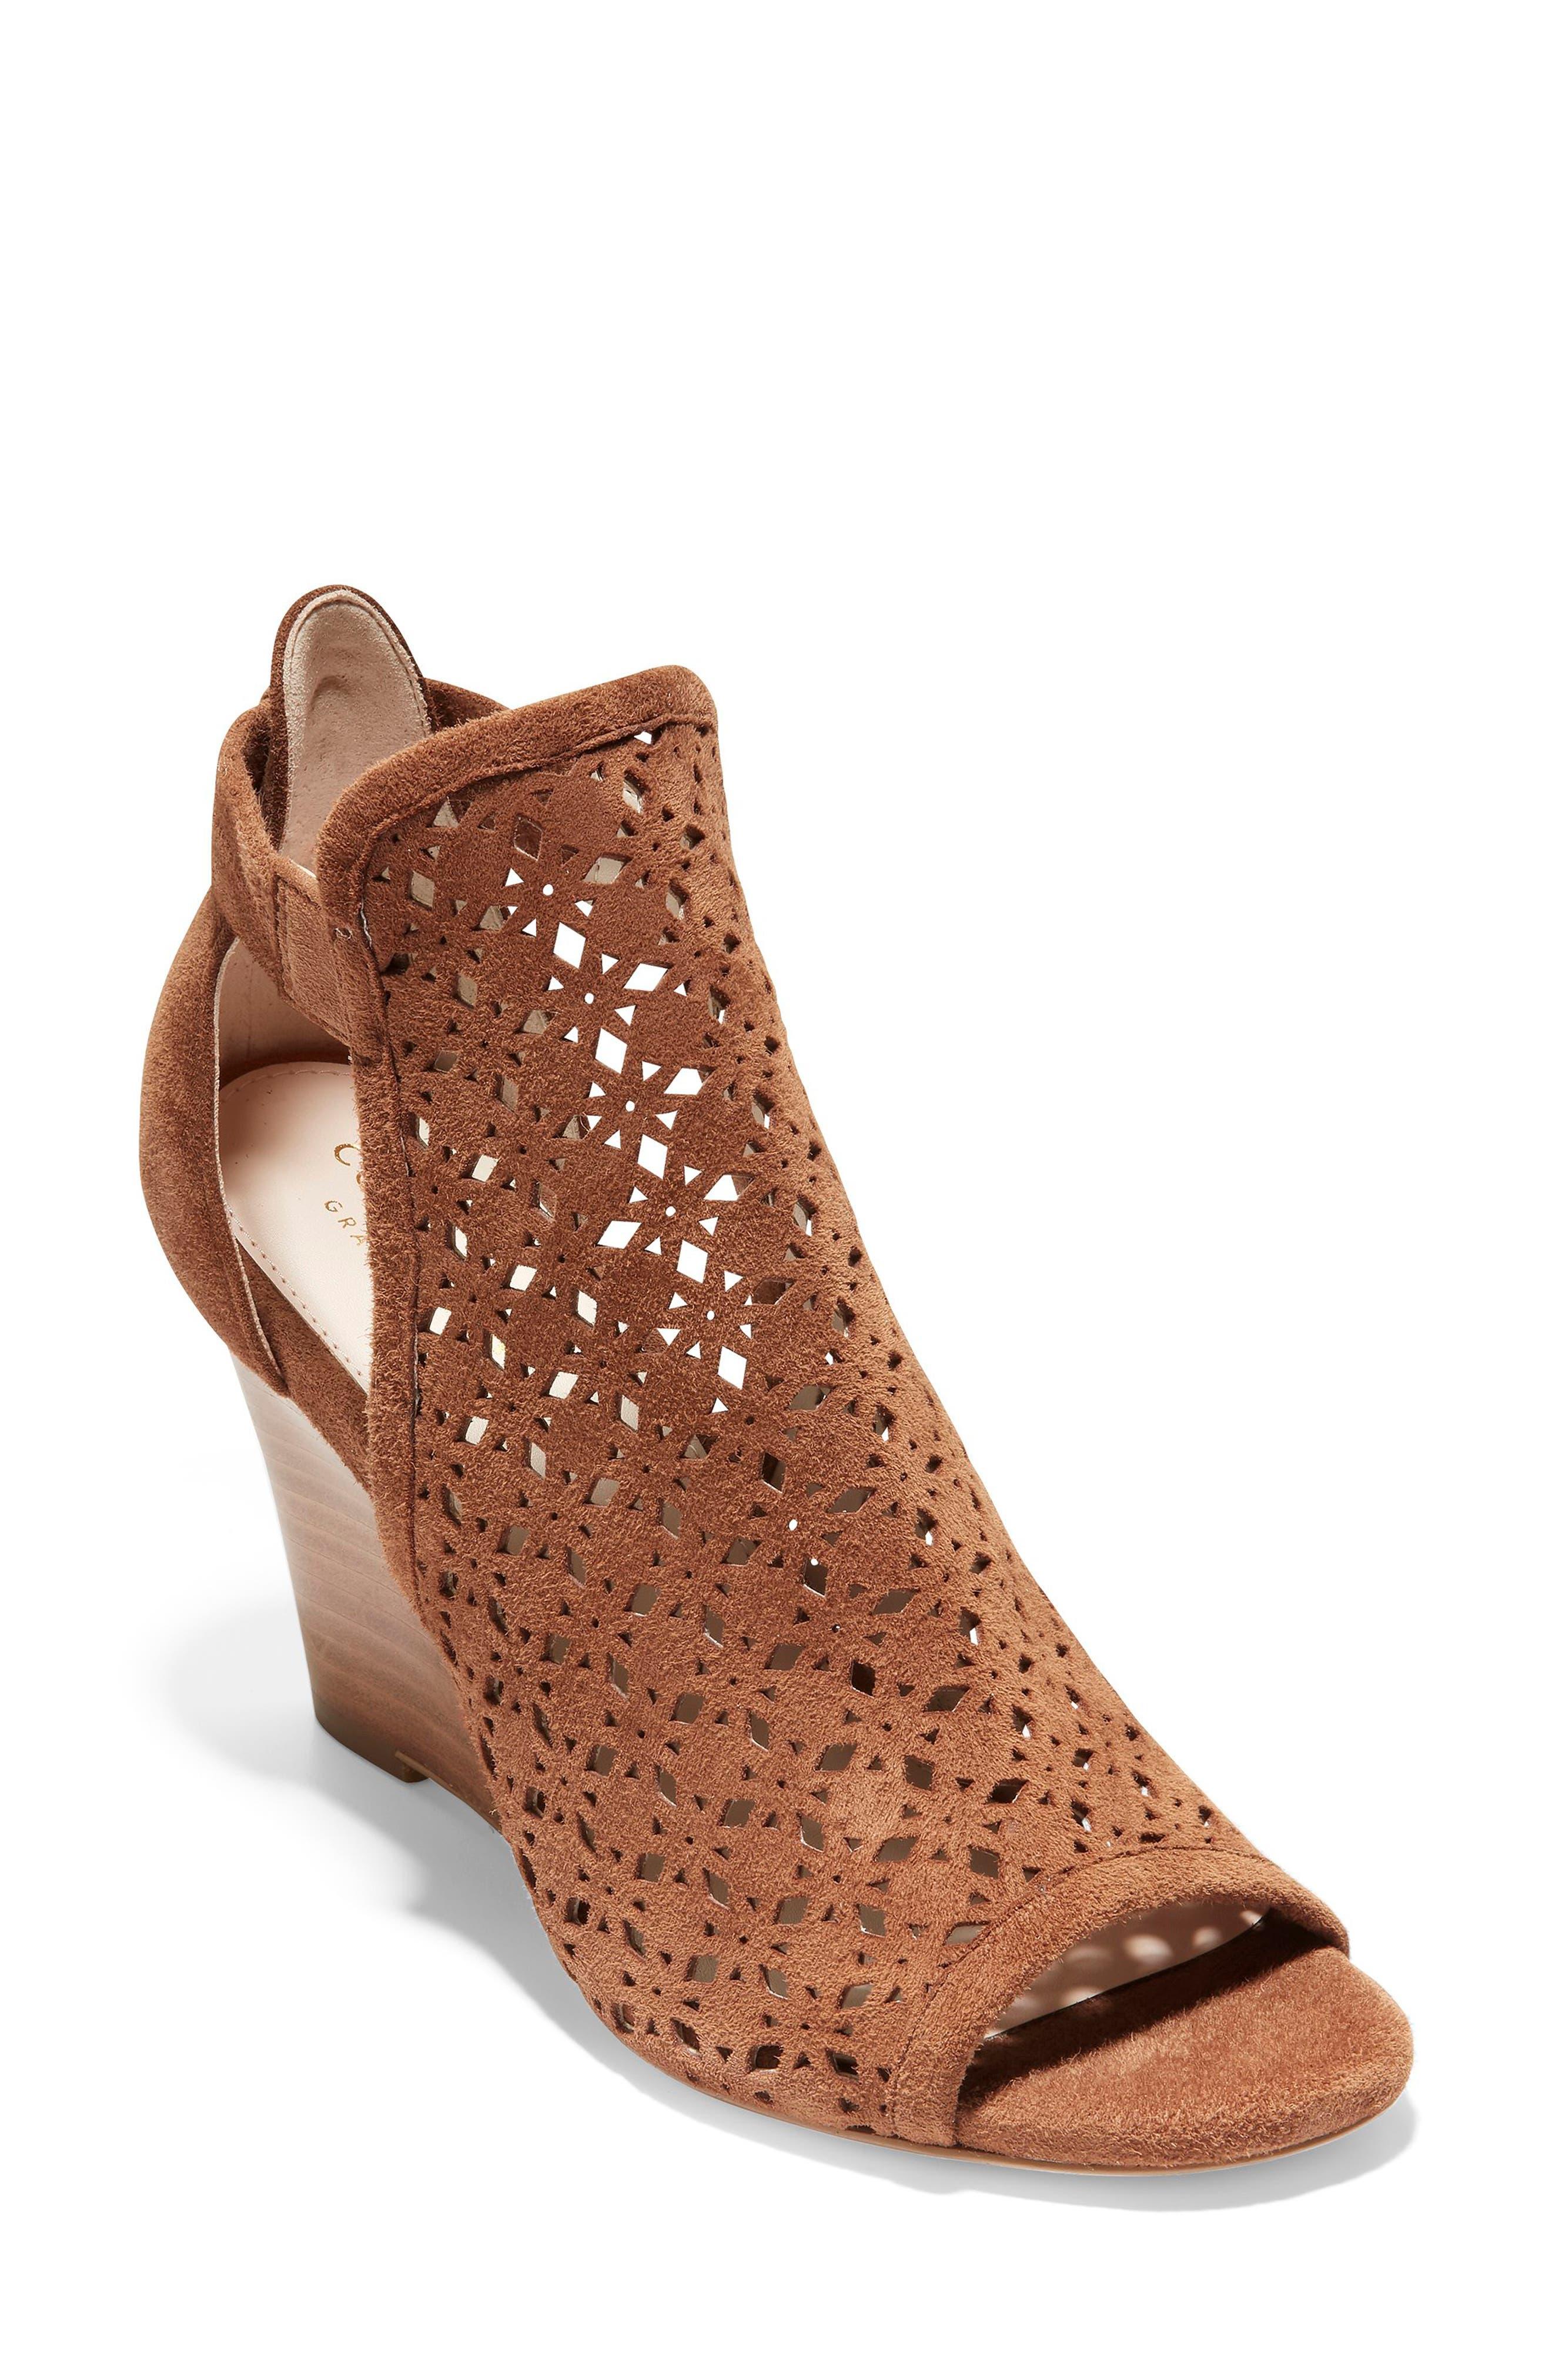 Image of Cole Haan Edie Wedge Sandal